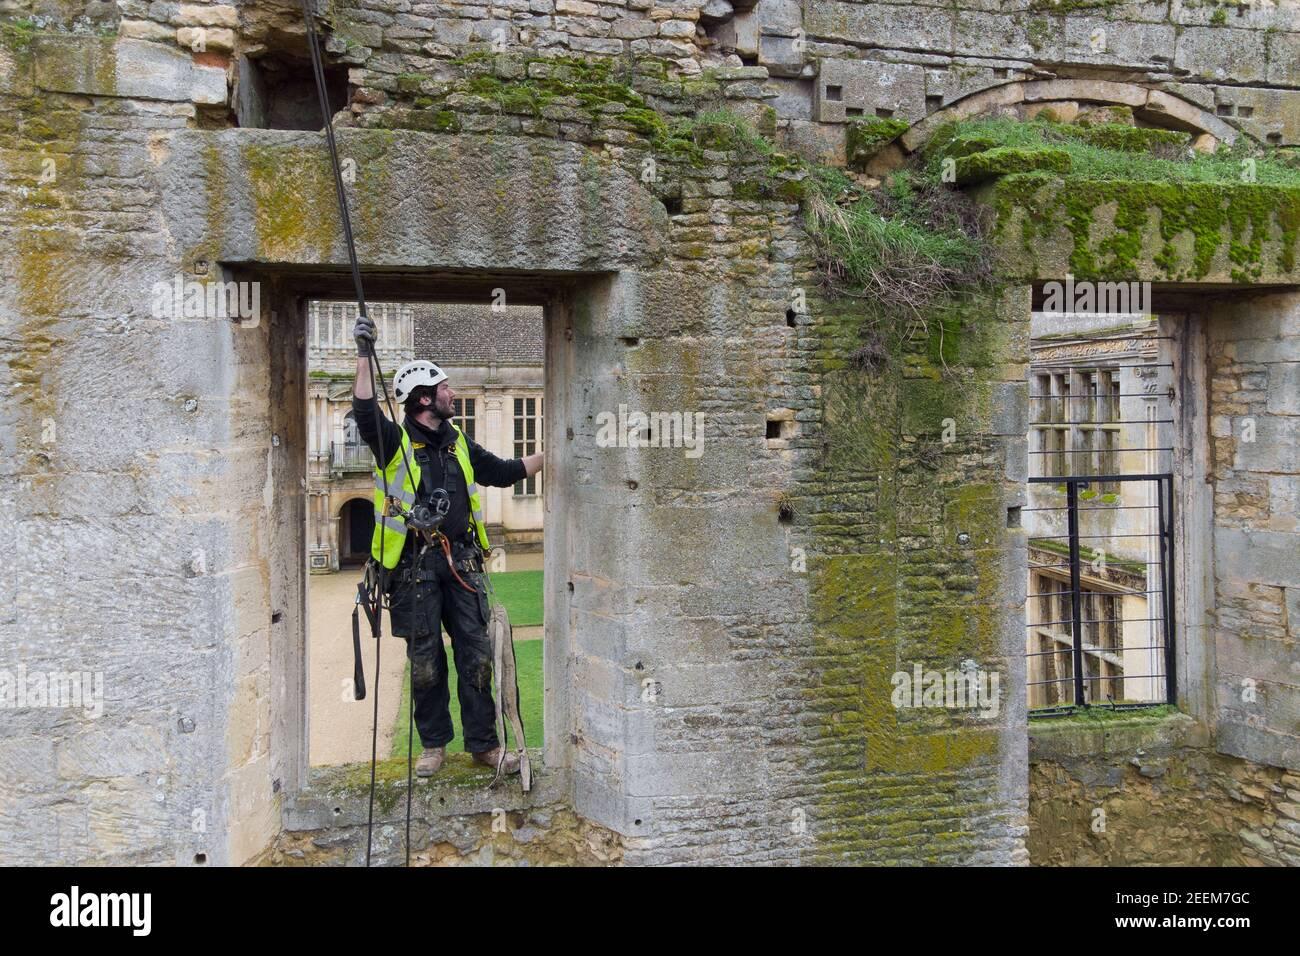 Der Steinmetz James Preston von SSH Conservation Survey Kirby Hall in Corby, Northamptonshire, als English Heritage bereitet sich auf die Durchführung von wichtigen Naturschutzarbeiten. Bilddatum: Dienstag, 16. Februar 2021. Stockfoto